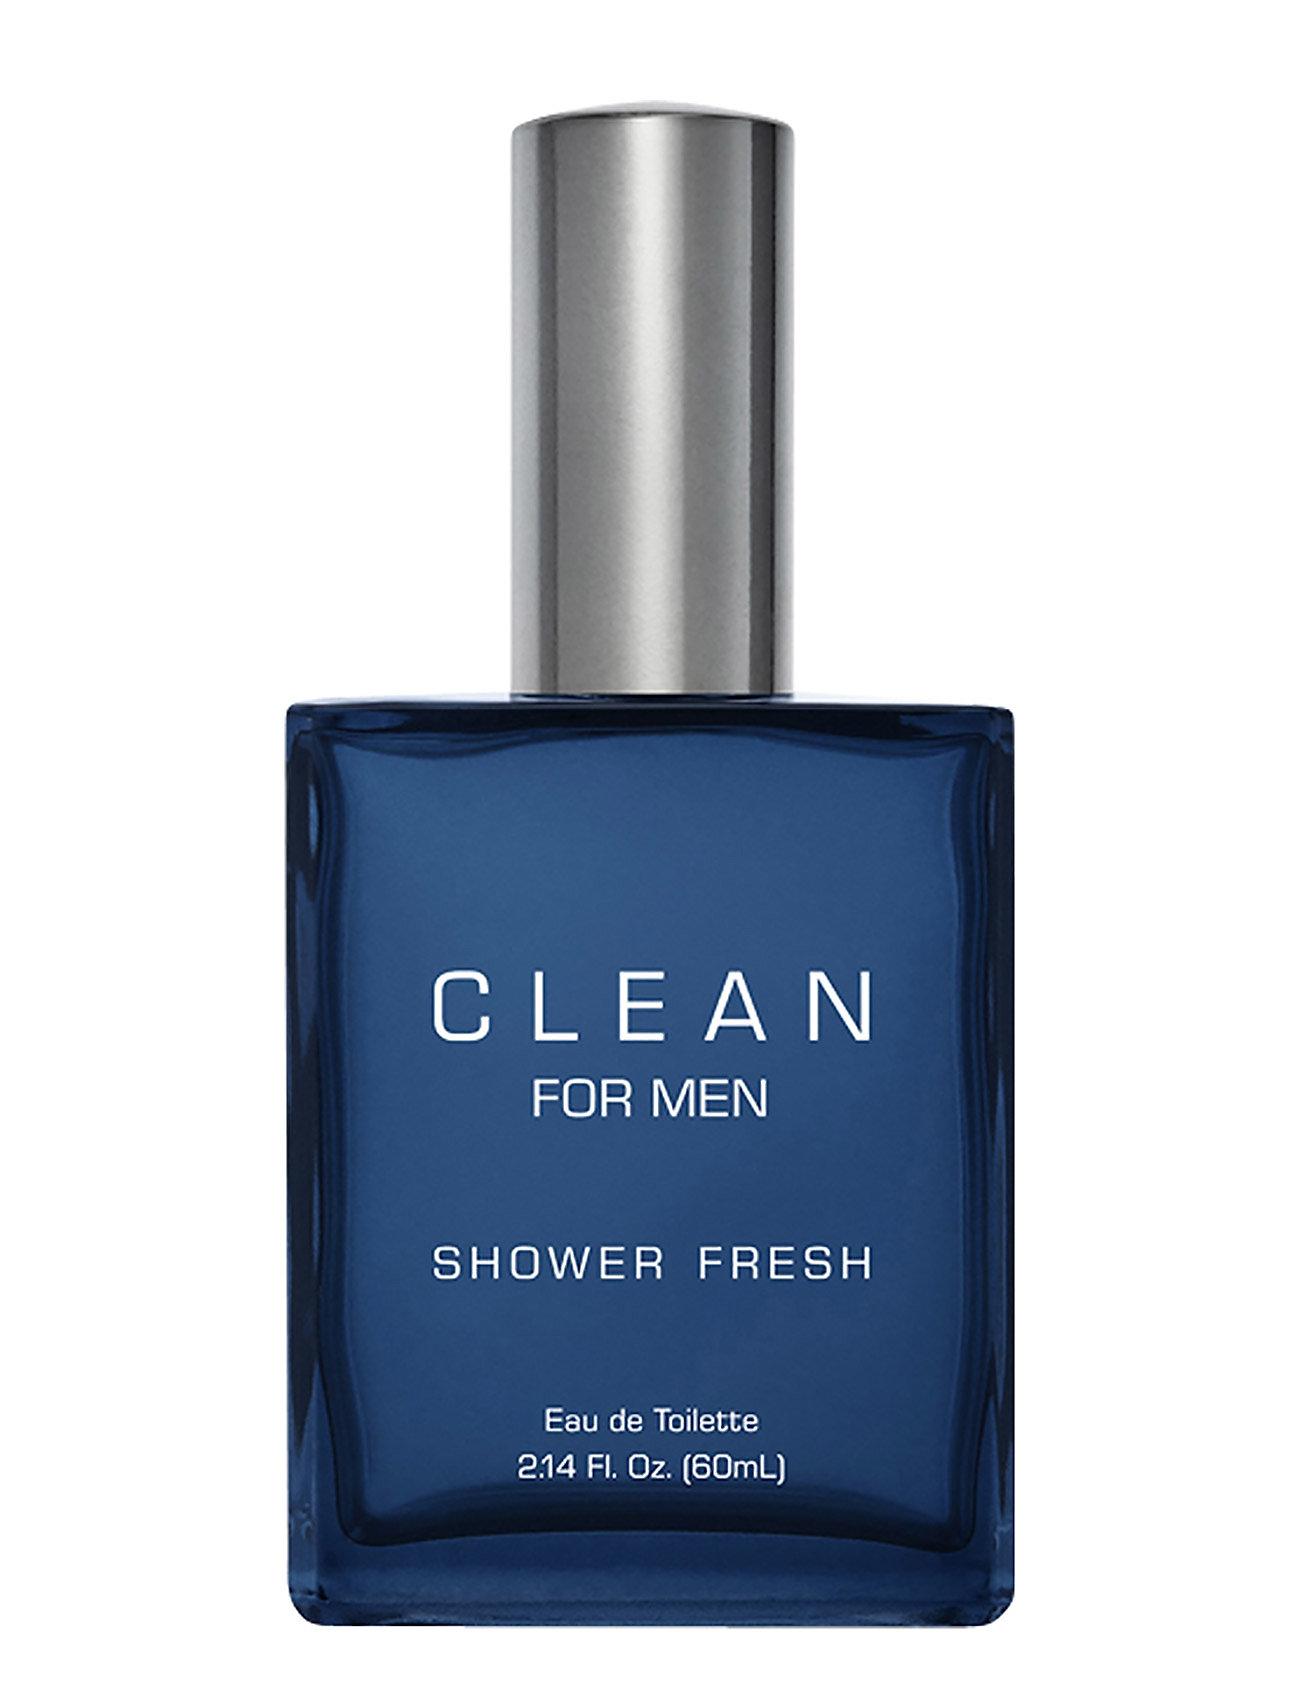 clean Shower fresh for men fra boozt.com dk